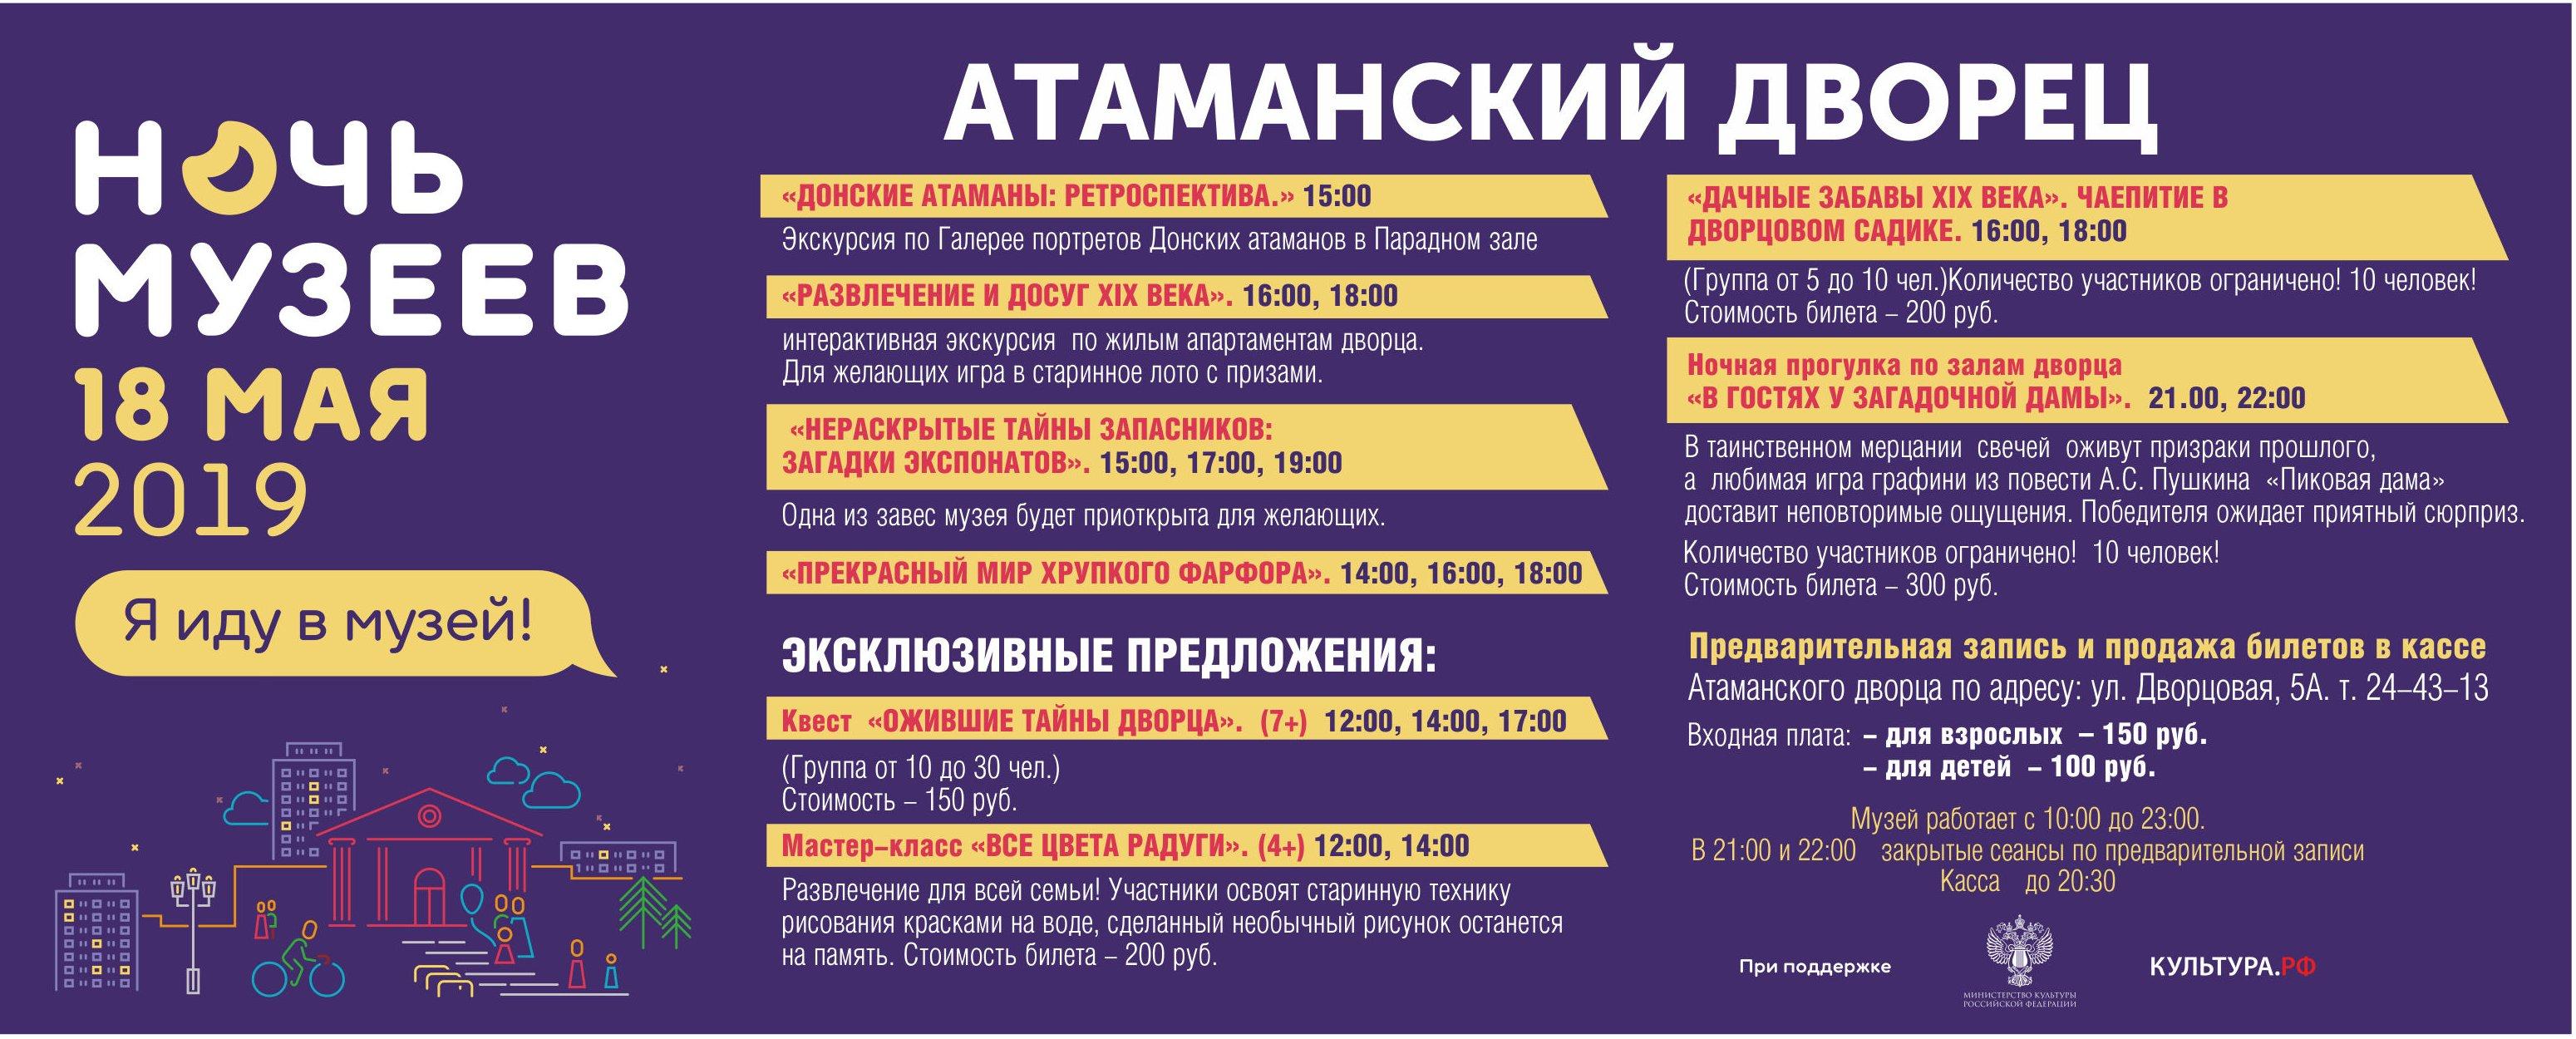 """""""Ночь музеев 2019"""" в Атаманском дворце"""